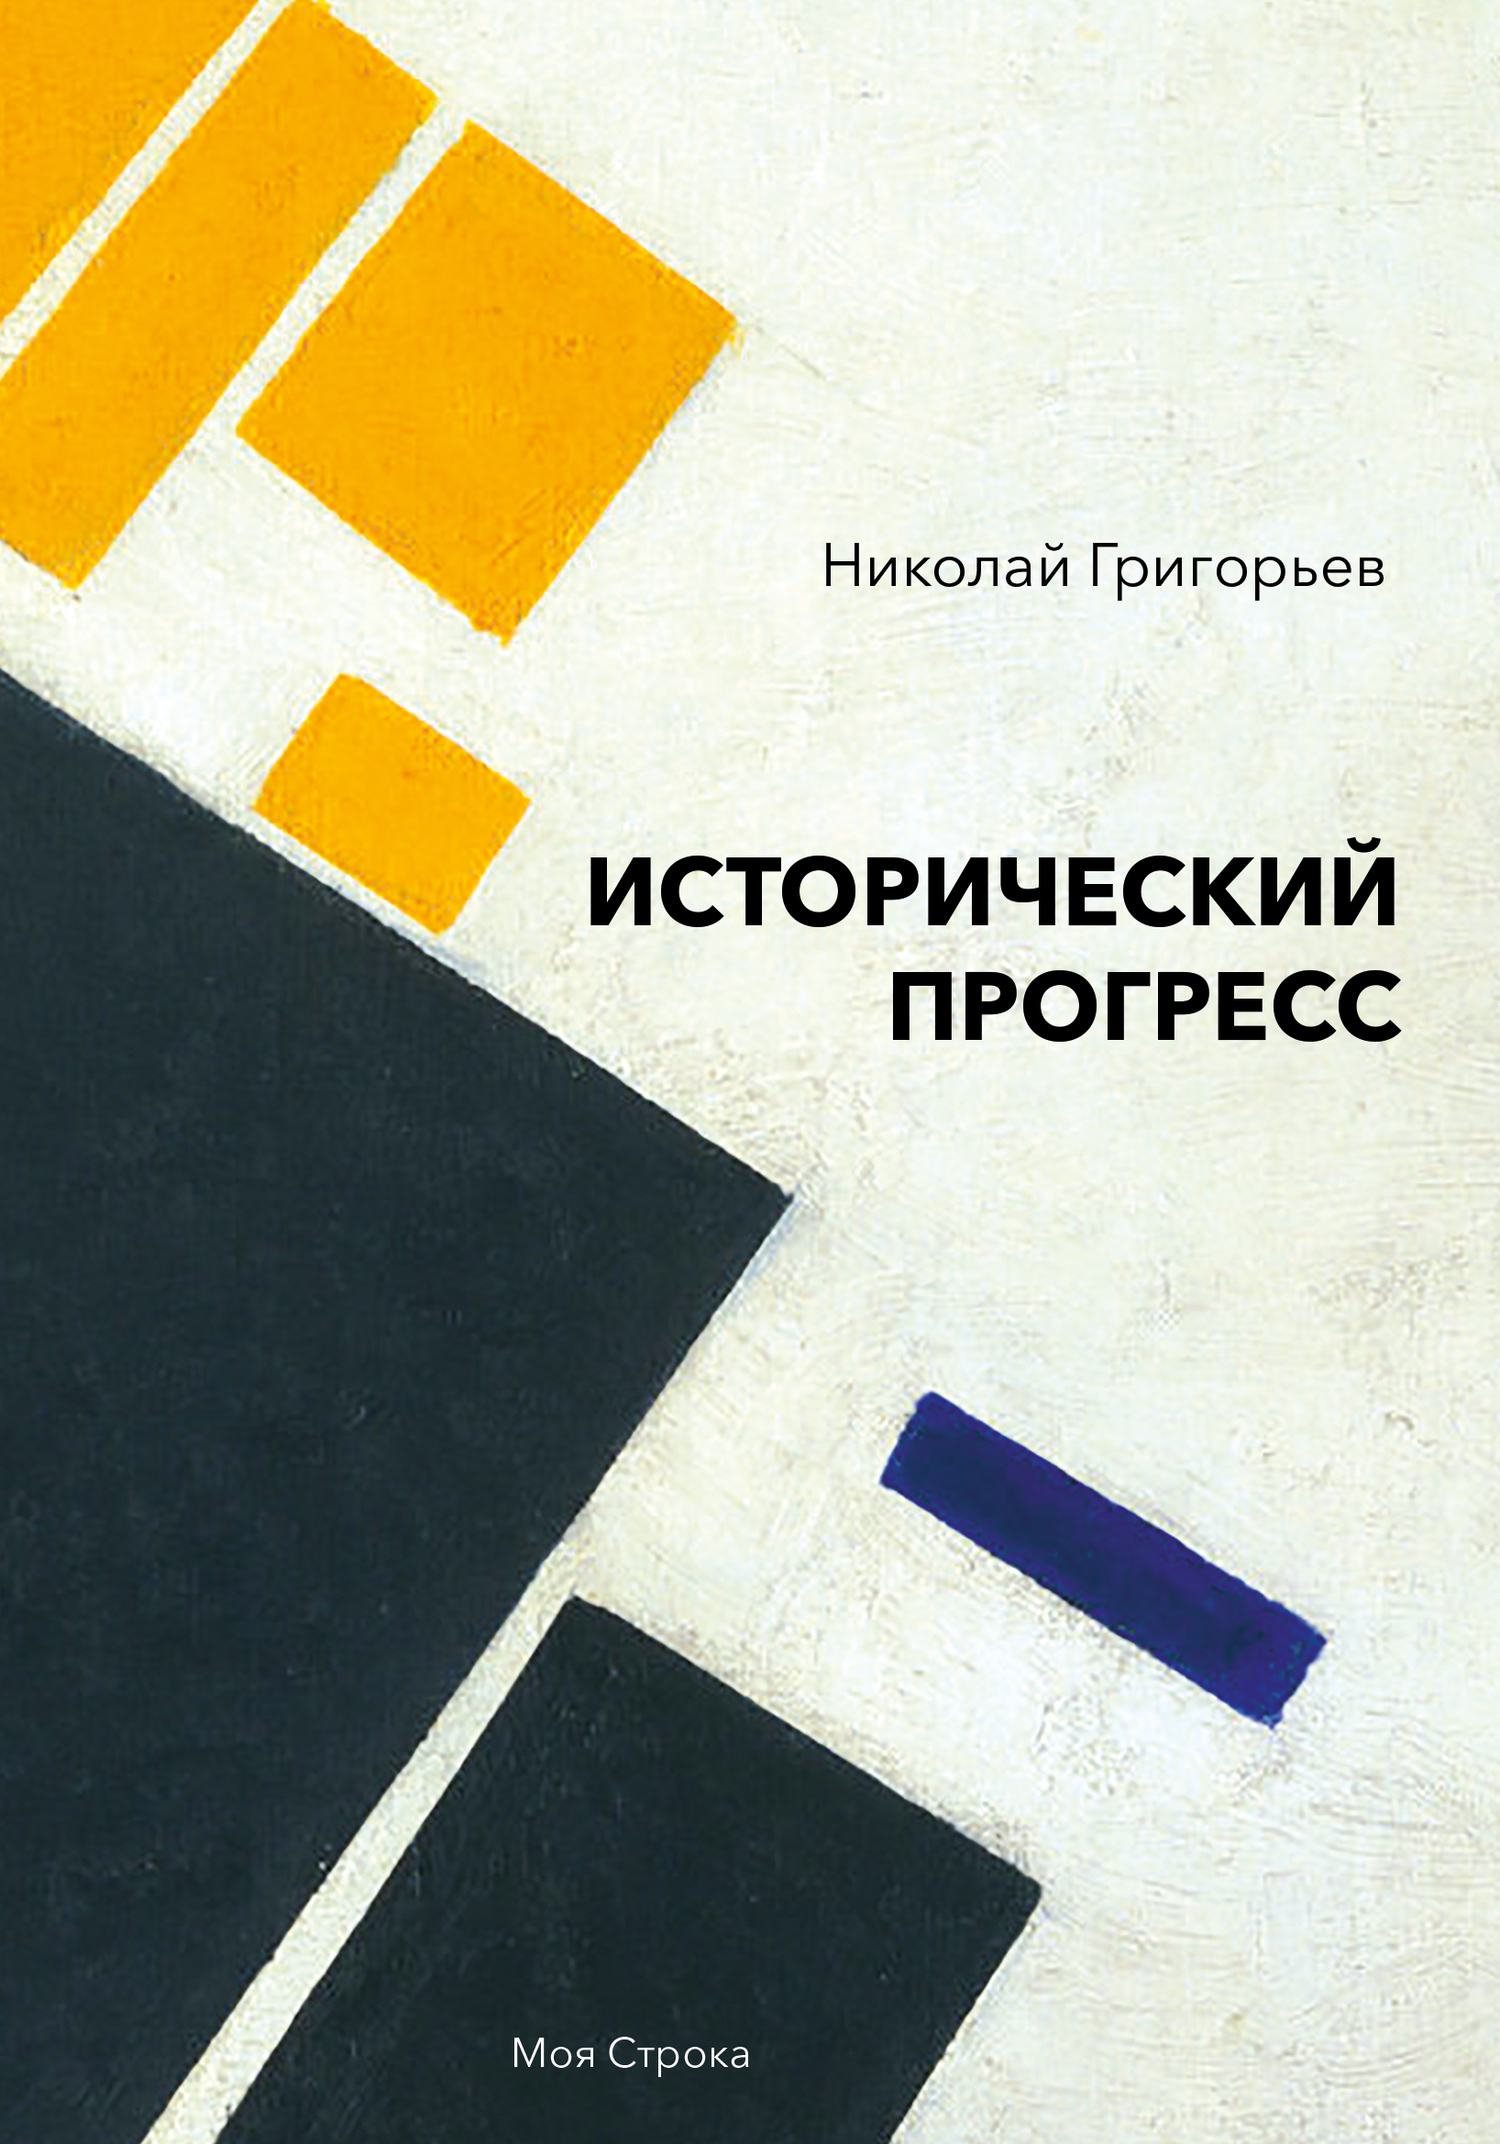 Николай Григорьев - Исторический прогресс. Историко-философское исследование